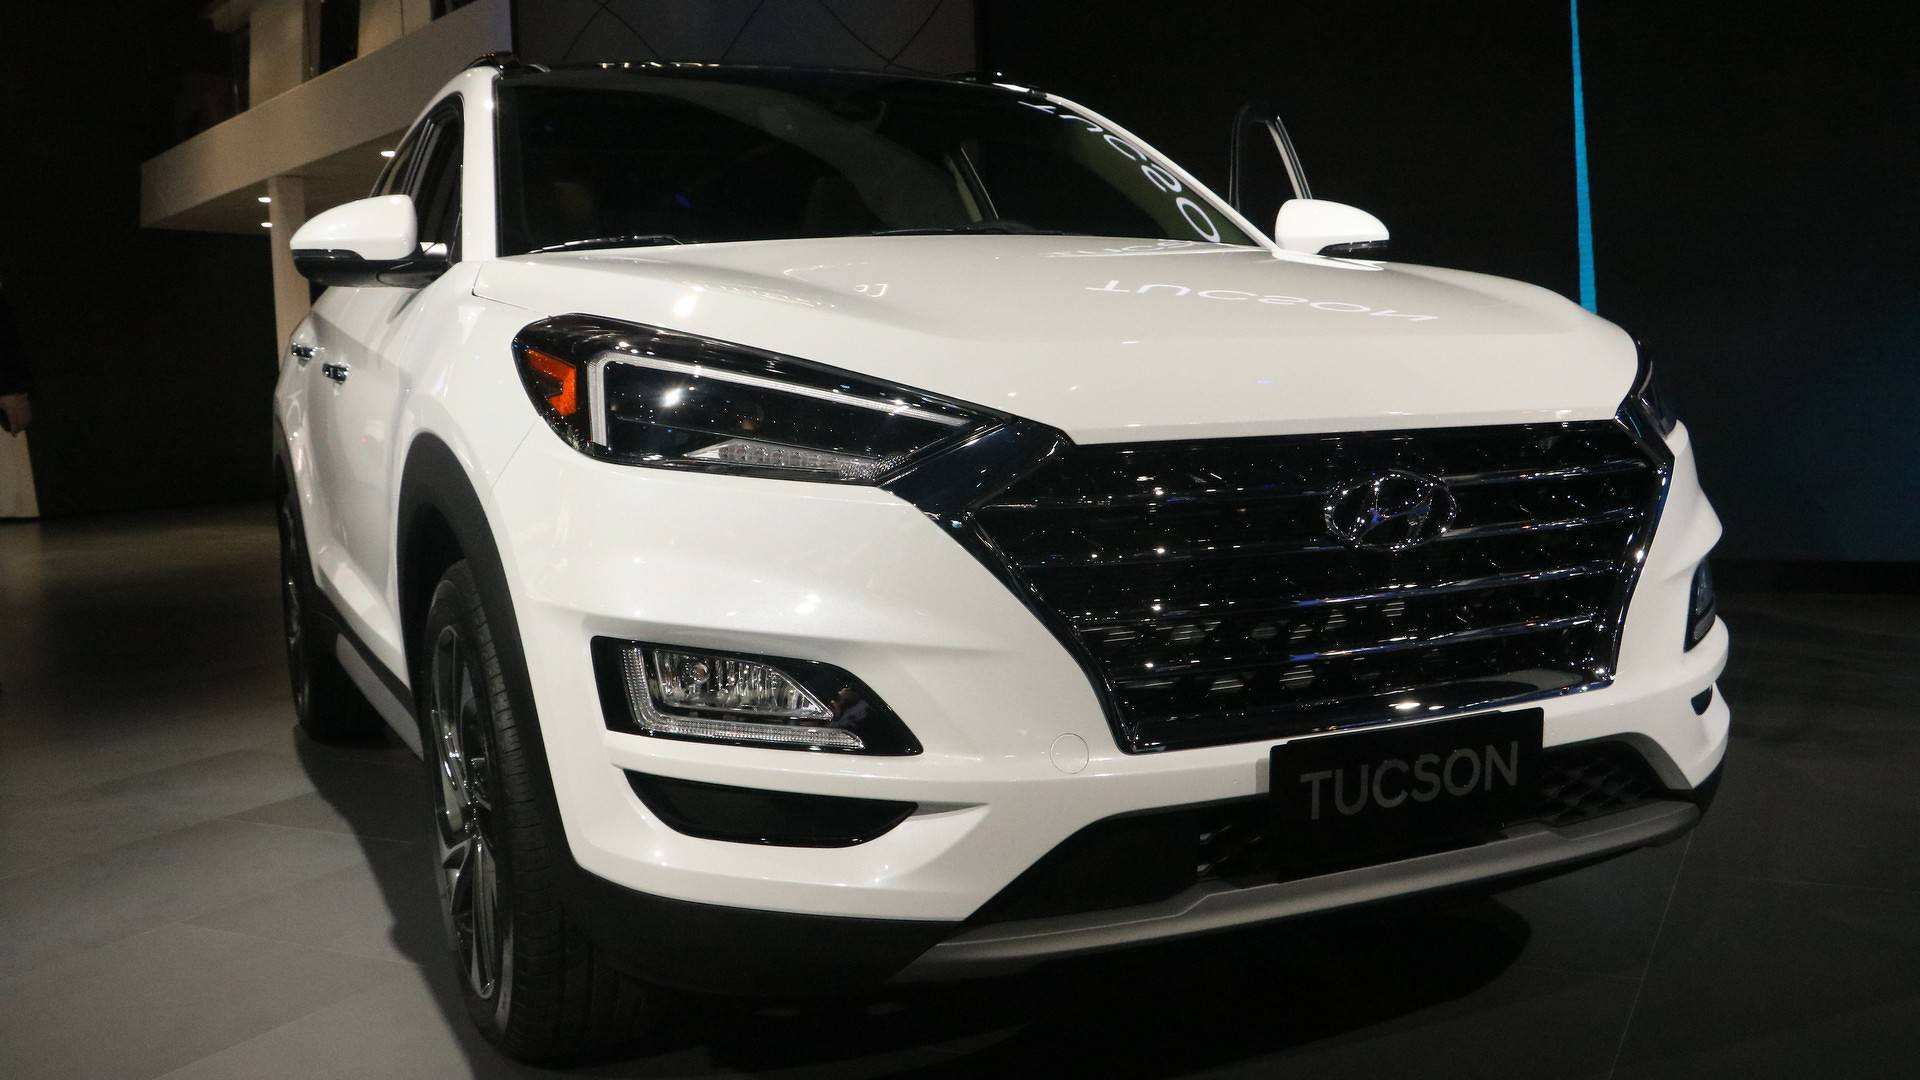 39 Concept of Hyundai Tucson 2019 Facelift Redesign and Concept with Hyundai Tucson 2019 Facelift